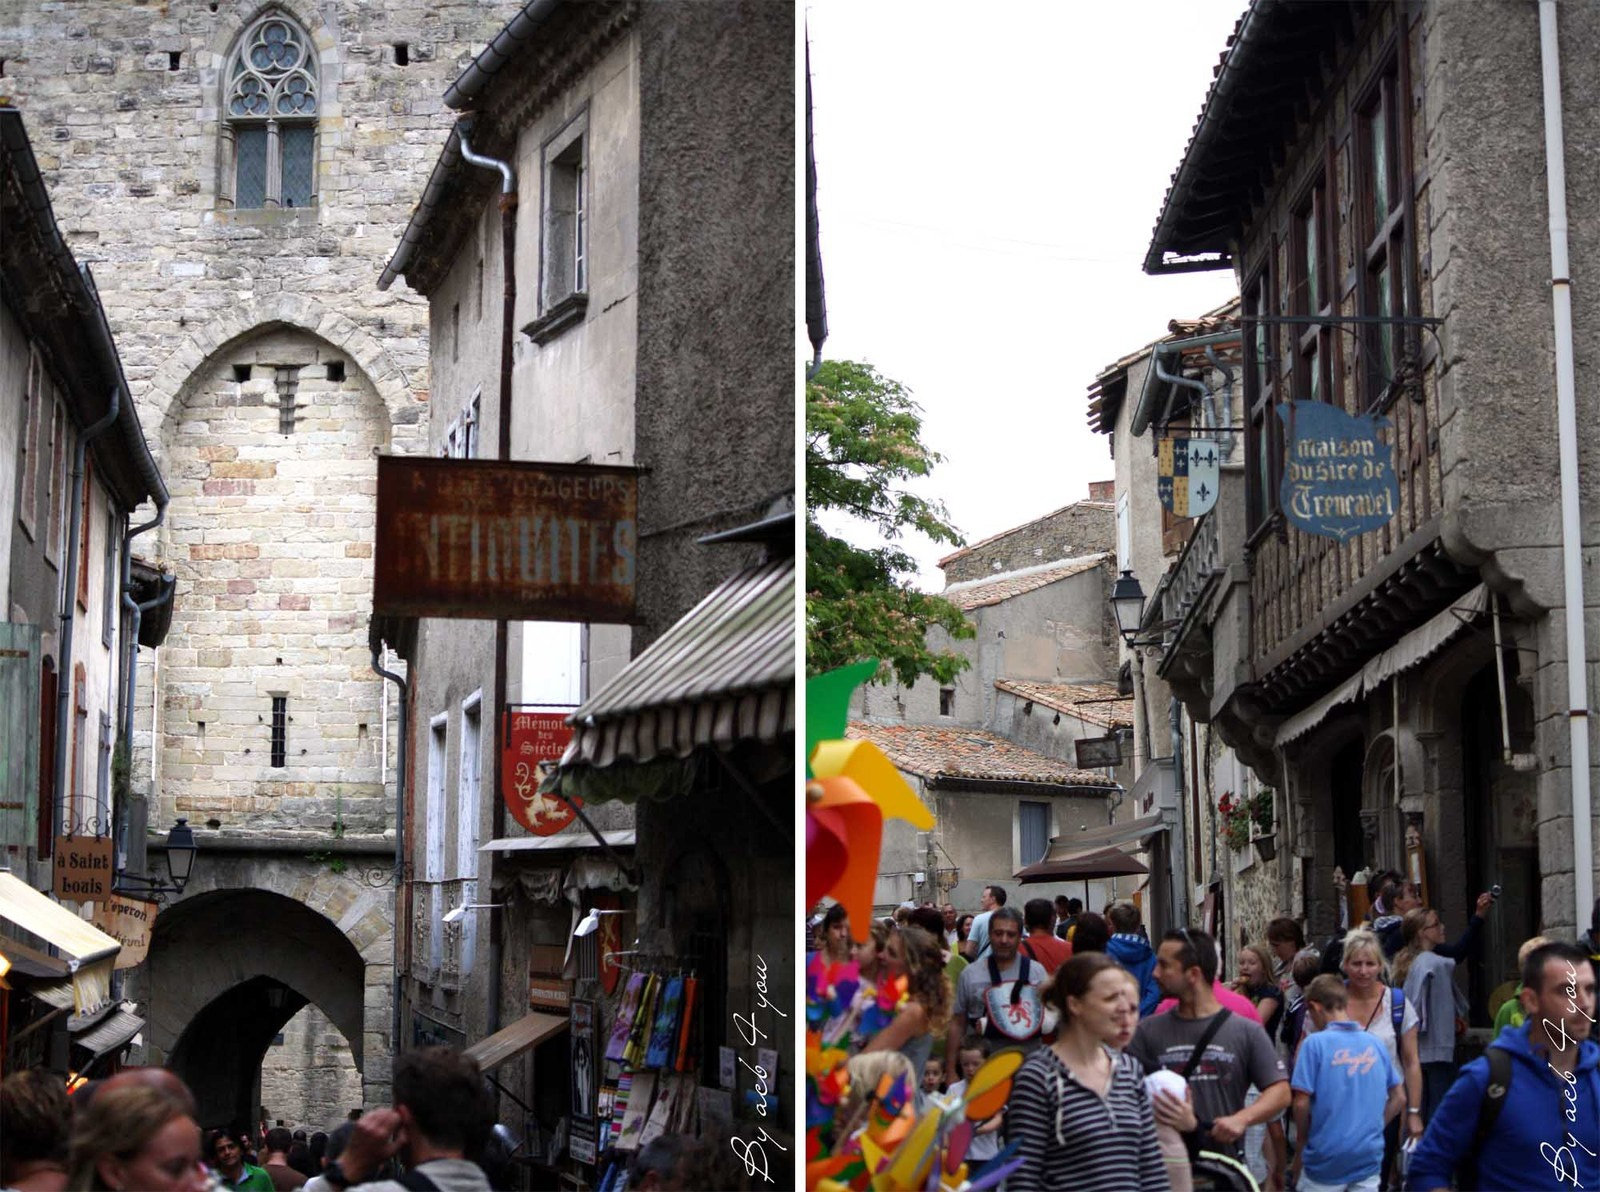 Album de voyage [part 2] : En route pour le Languedoc